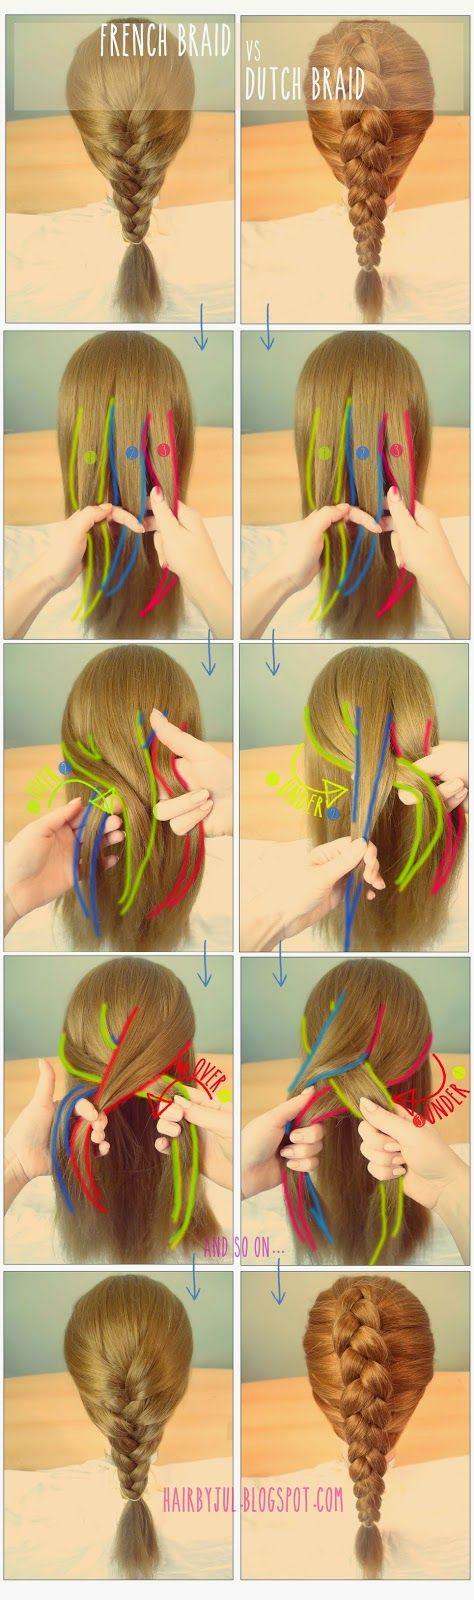 fryzury- warkocz francuski a holenderski